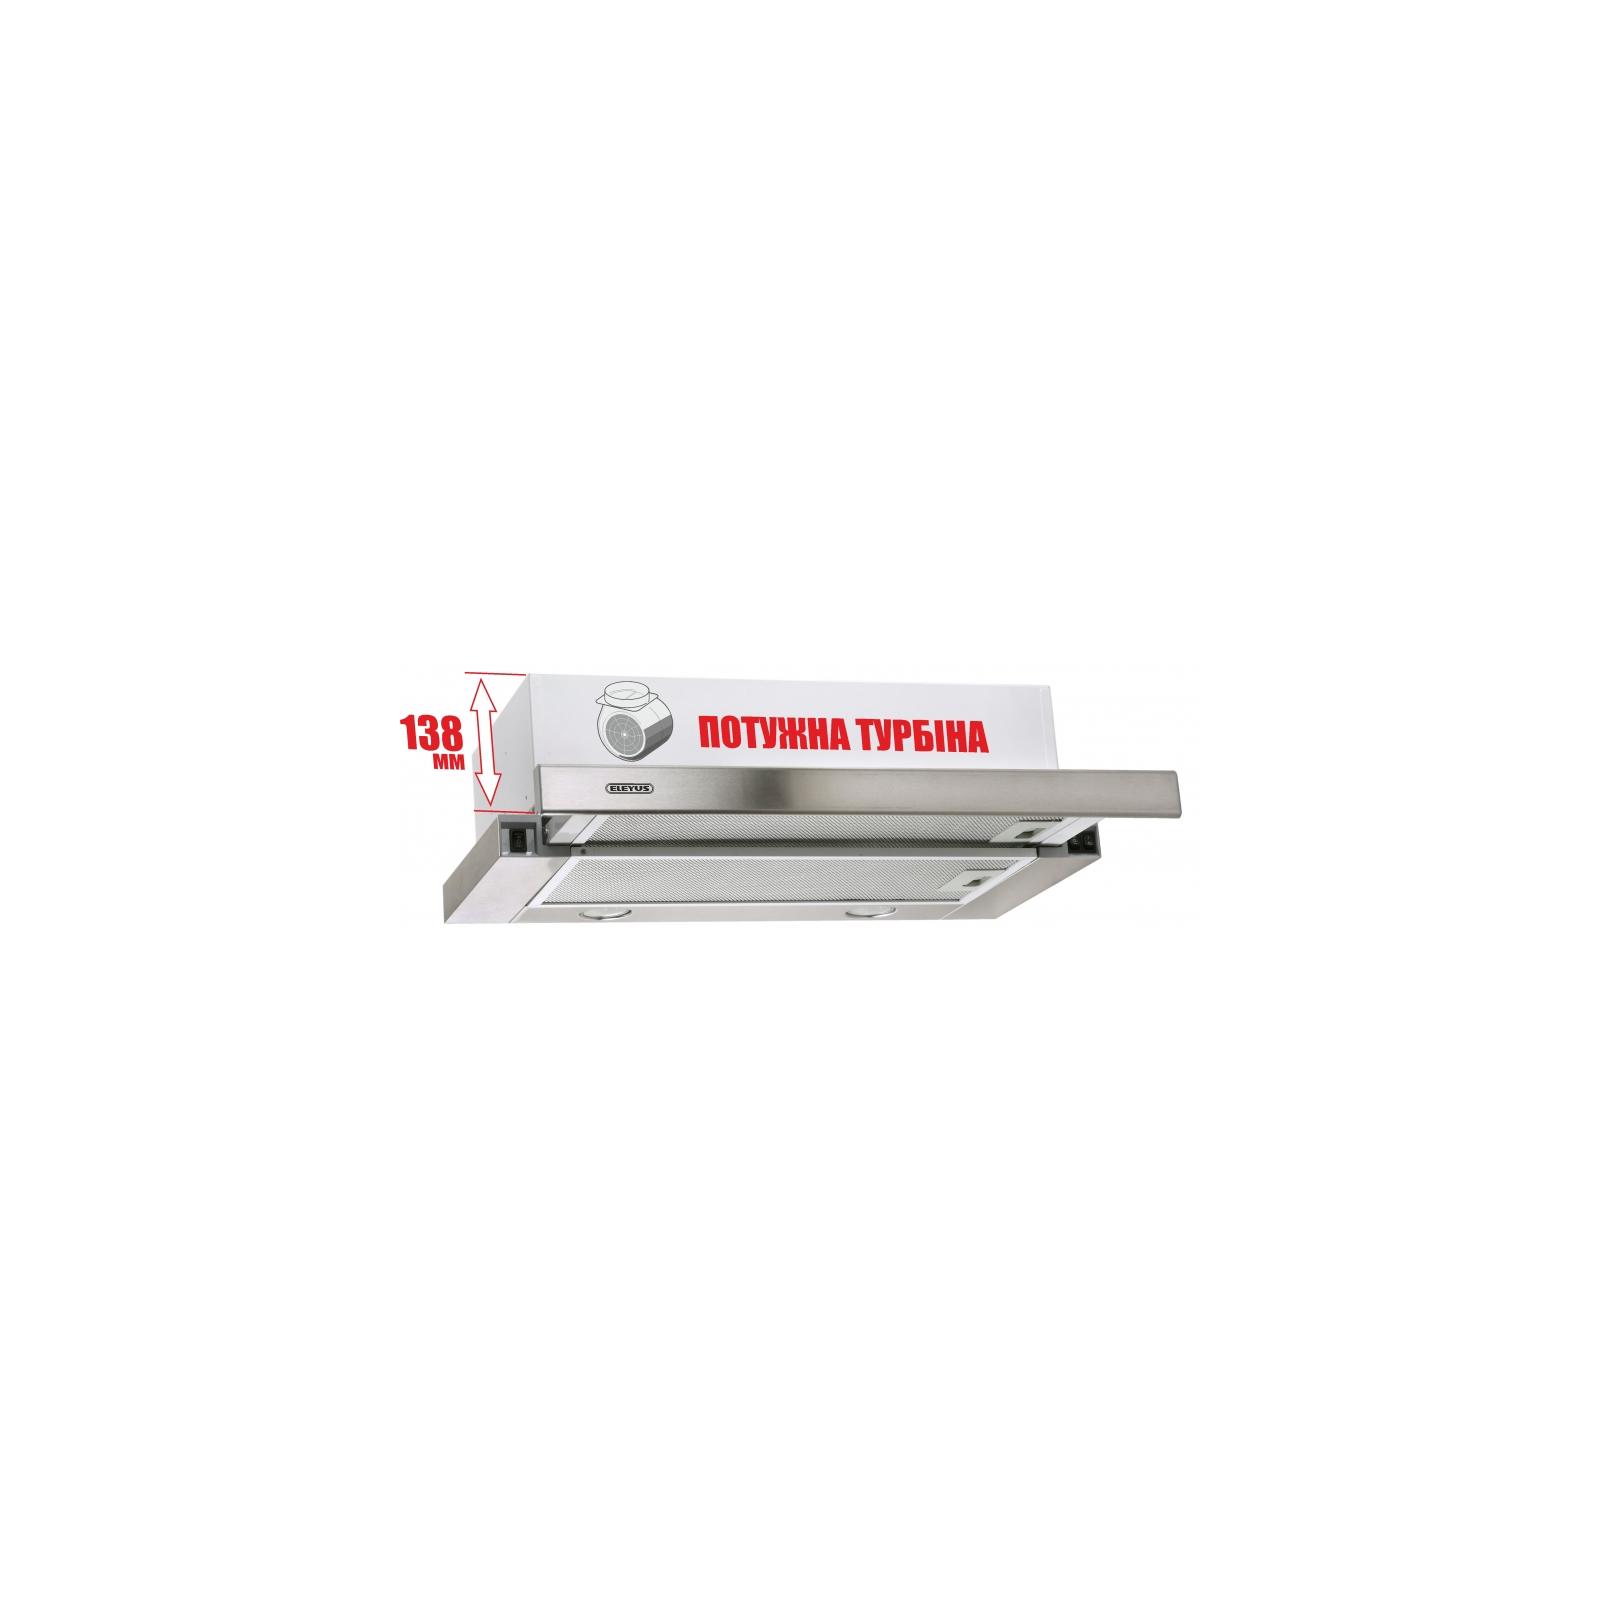 Вытяжка кухонная ELEYUS Storm 960 50 IS изображение 3